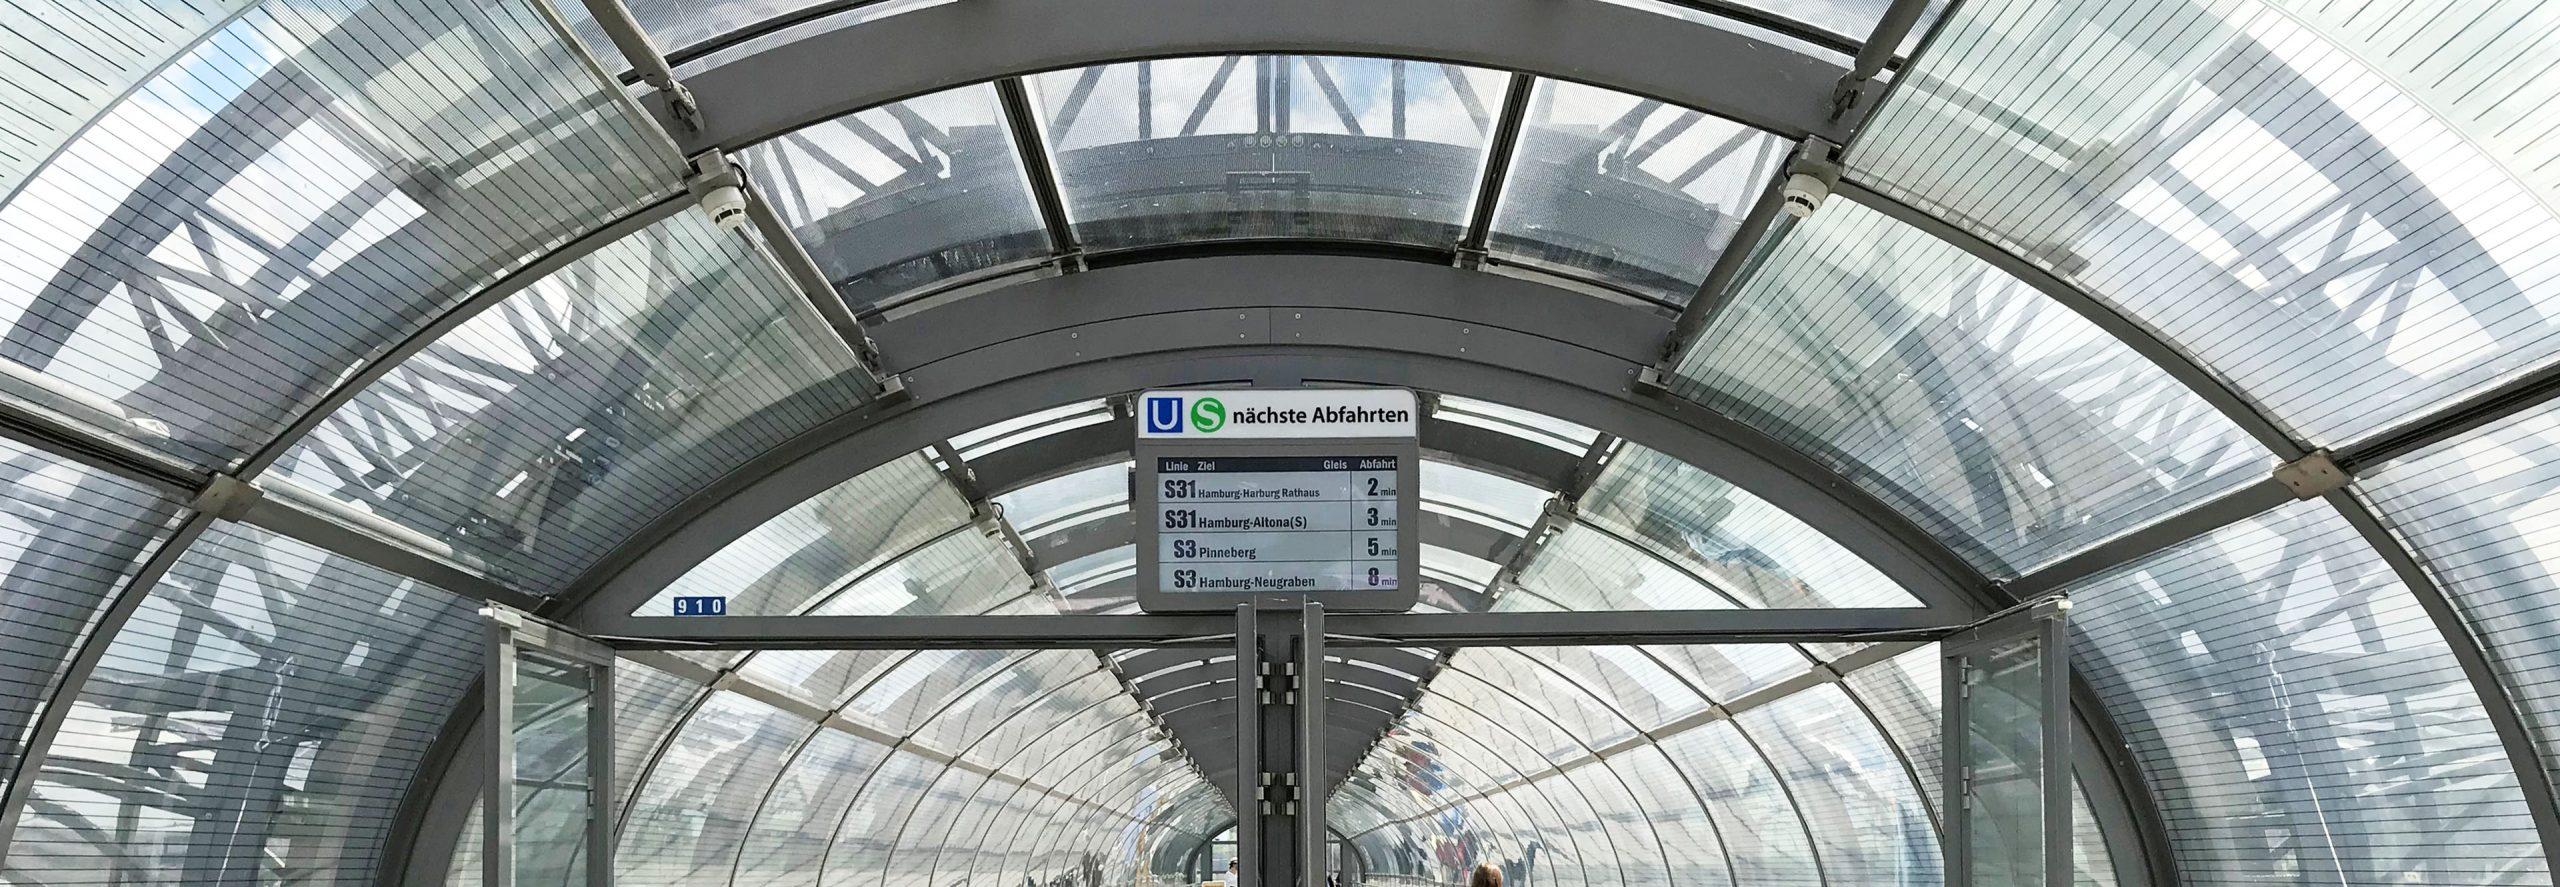 Heroslider Verbindungsbrücke Skywalk Hamburg Hochbahn Skylink